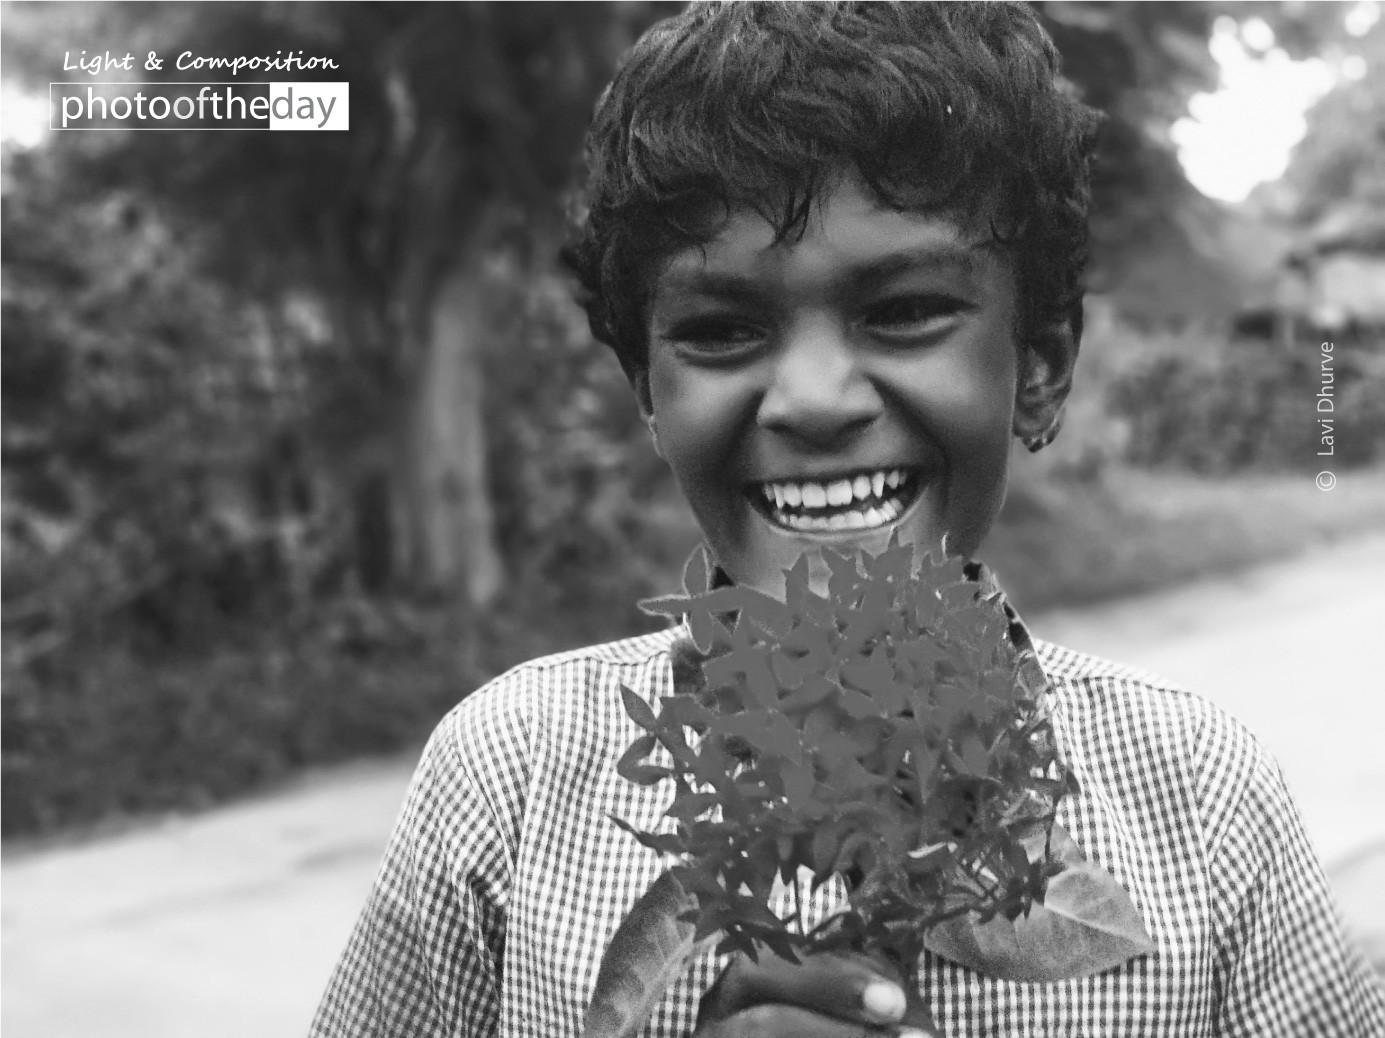 Joyous Face by Lavi Dhurve